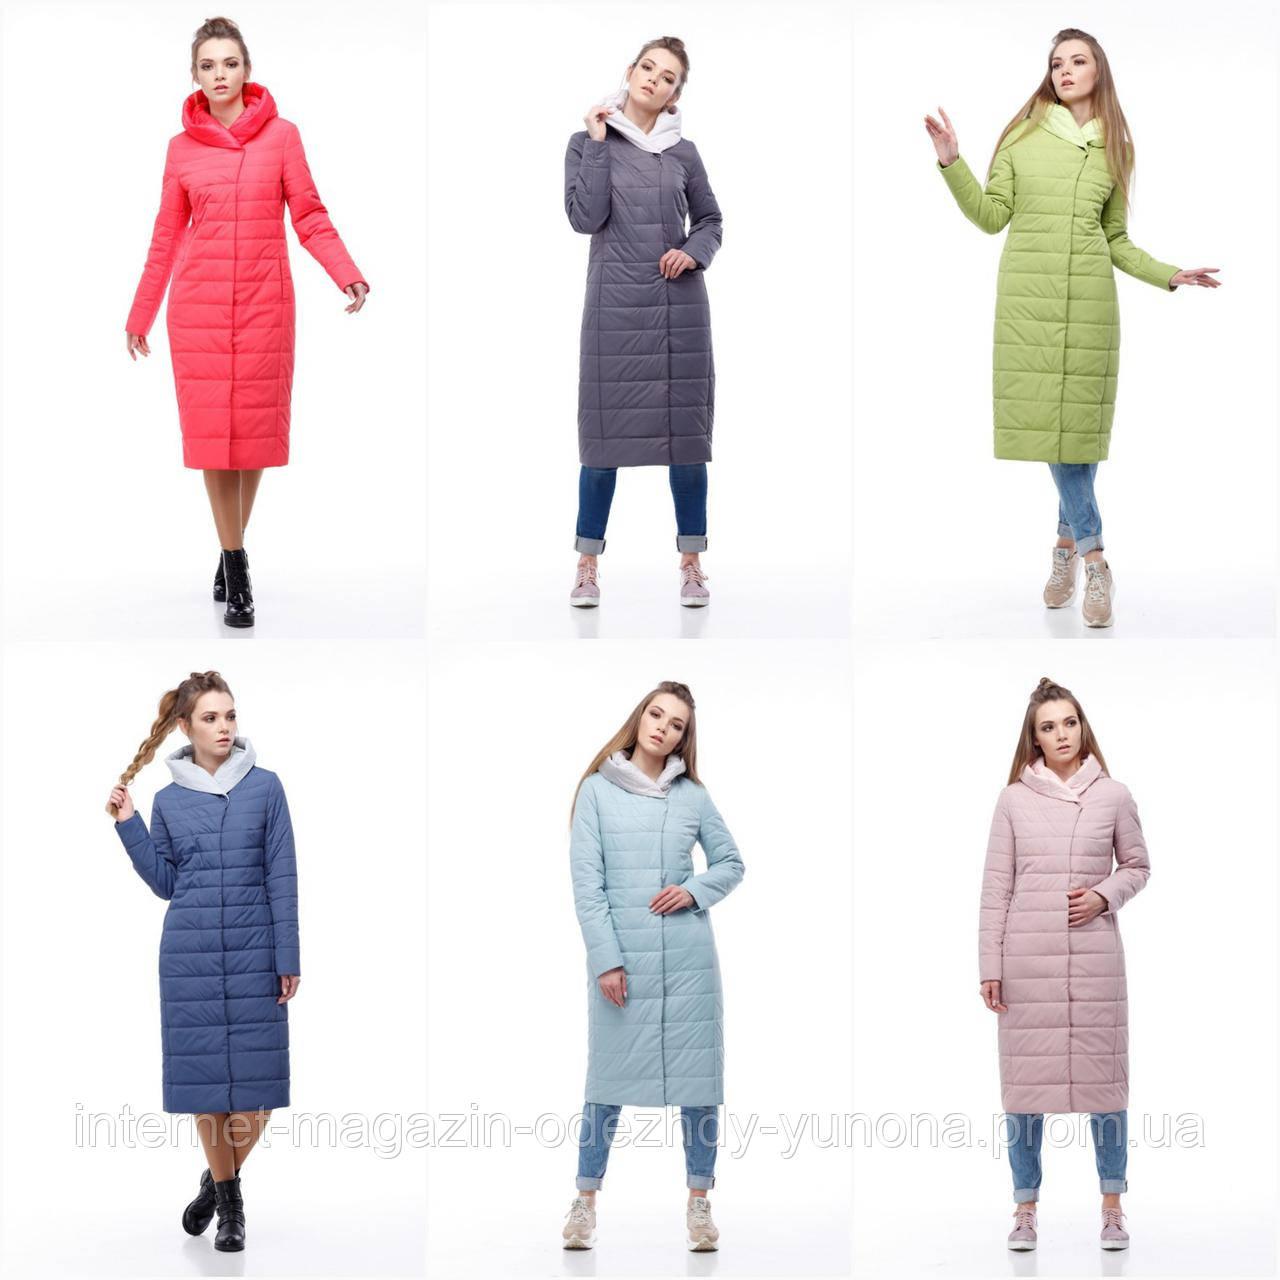 Пальто женское демисезонное из плащевки  продажа 398ad4d1bf111